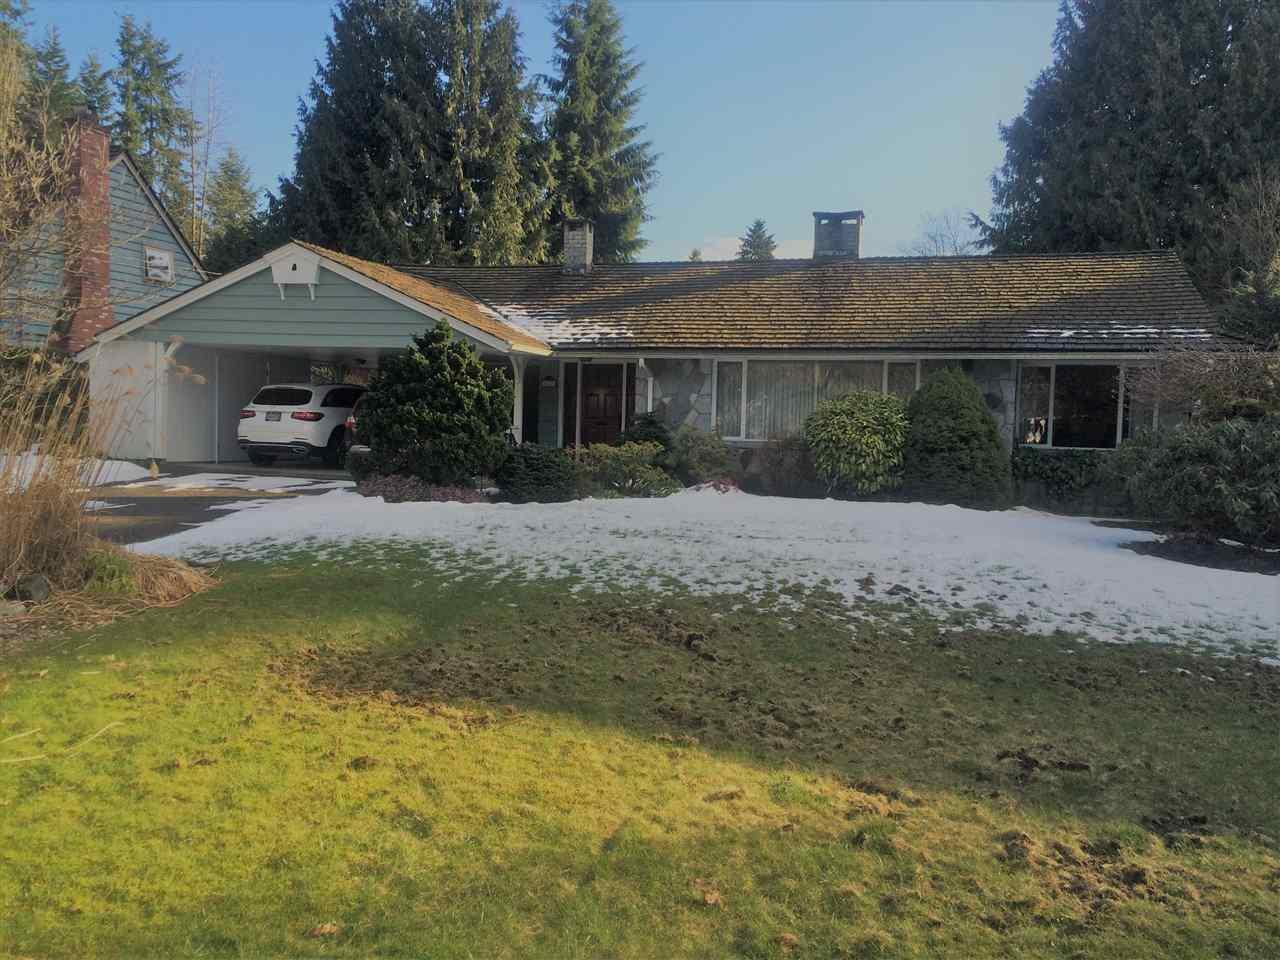 """Main Photo: 470 GORDON Avenue in West Vancouver: Cedardale House for sale in """"Cedardale"""" : MLS®# R2244893"""